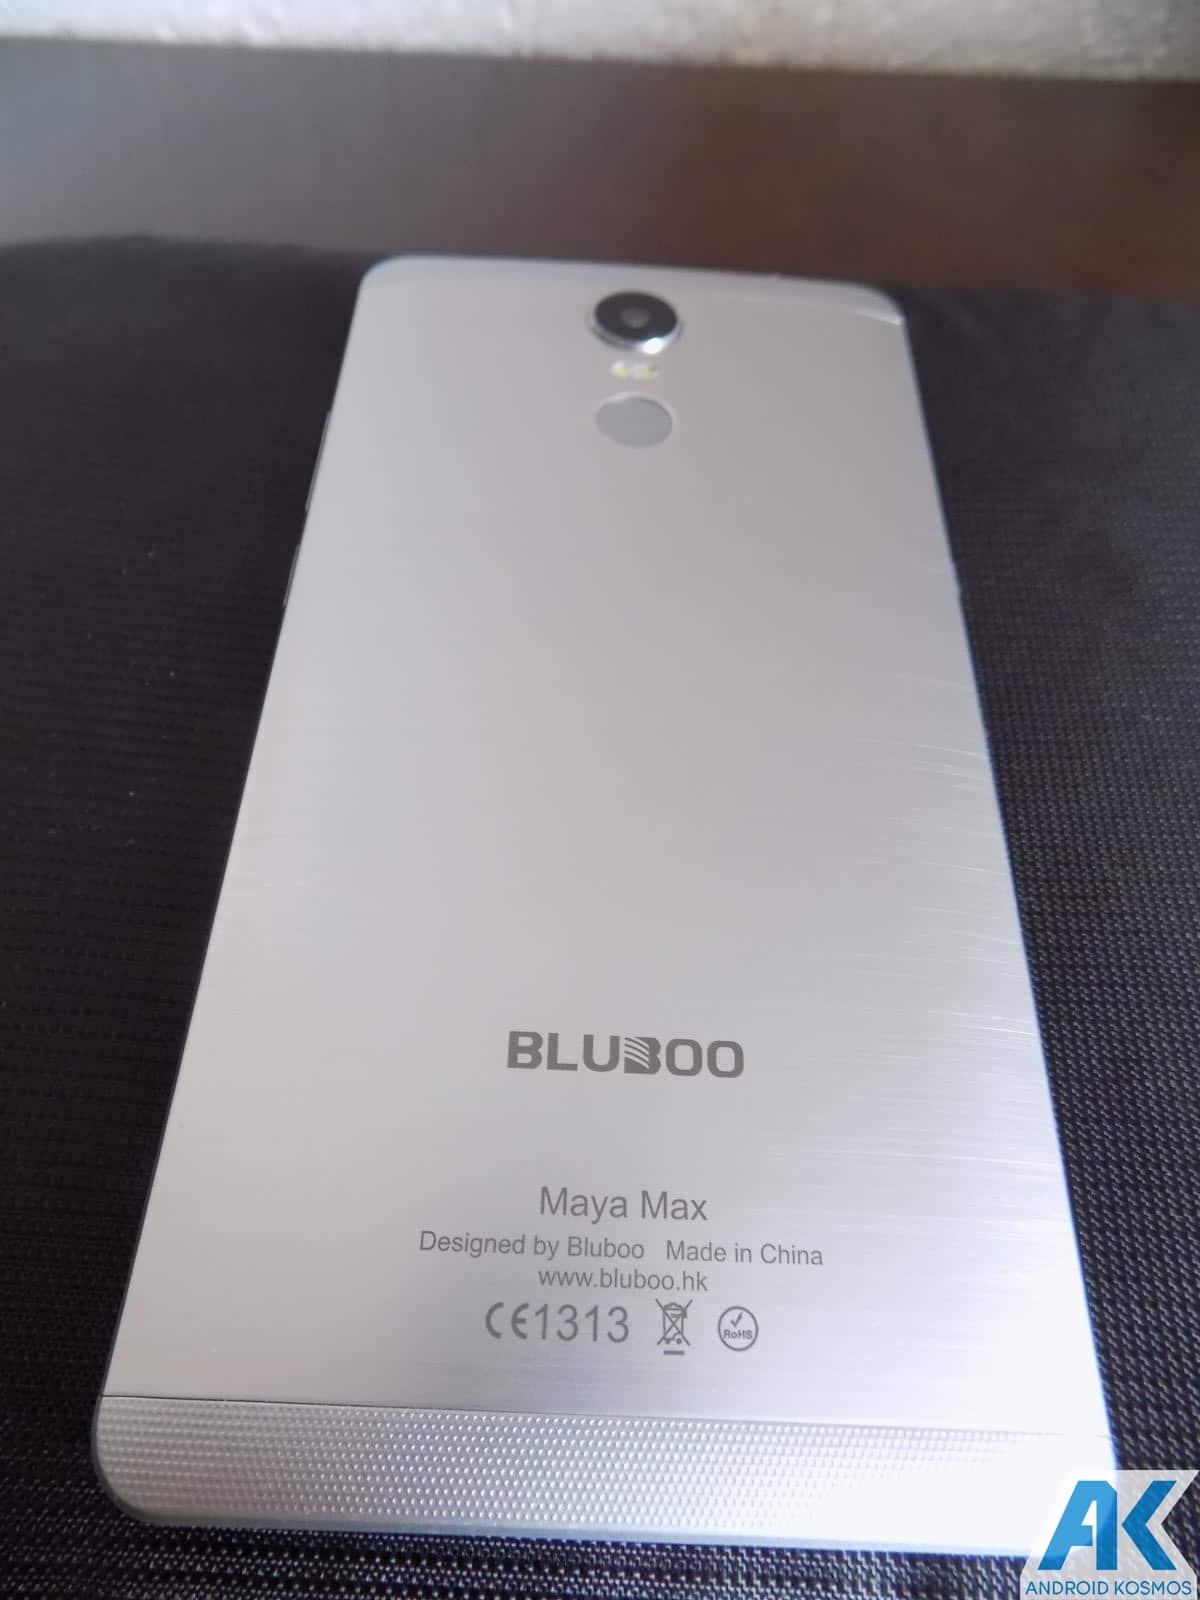 AndroidKosmos | Test/Review: Bluboo Maya Max - is bigger better? - Chinesisches 6 Zoll Phablet für Einsteiger im Test 2